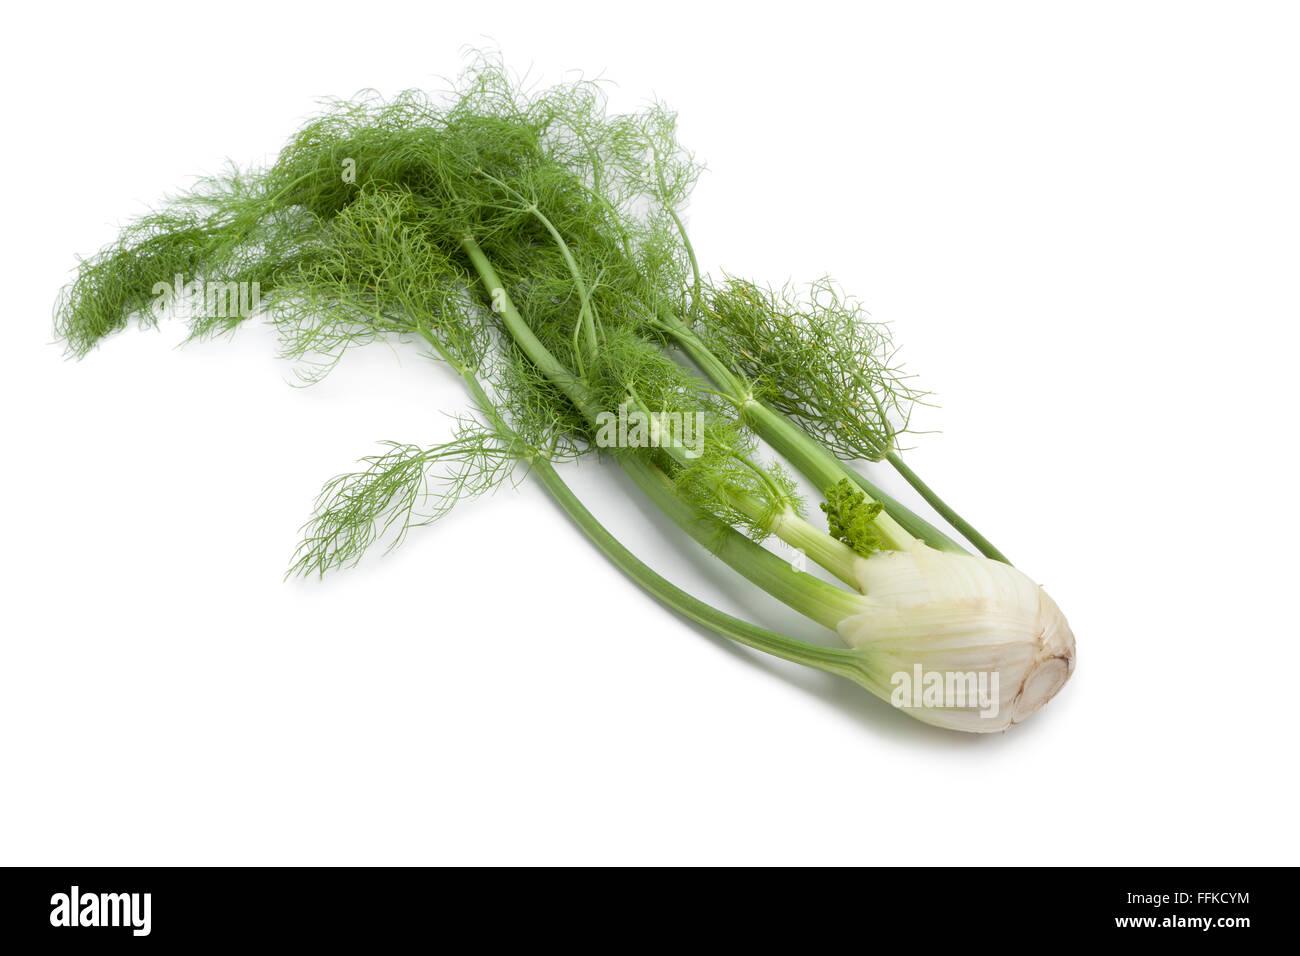 Finocchio fresco lampadina con foglie verdi su sfondo bianco Immagini Stock